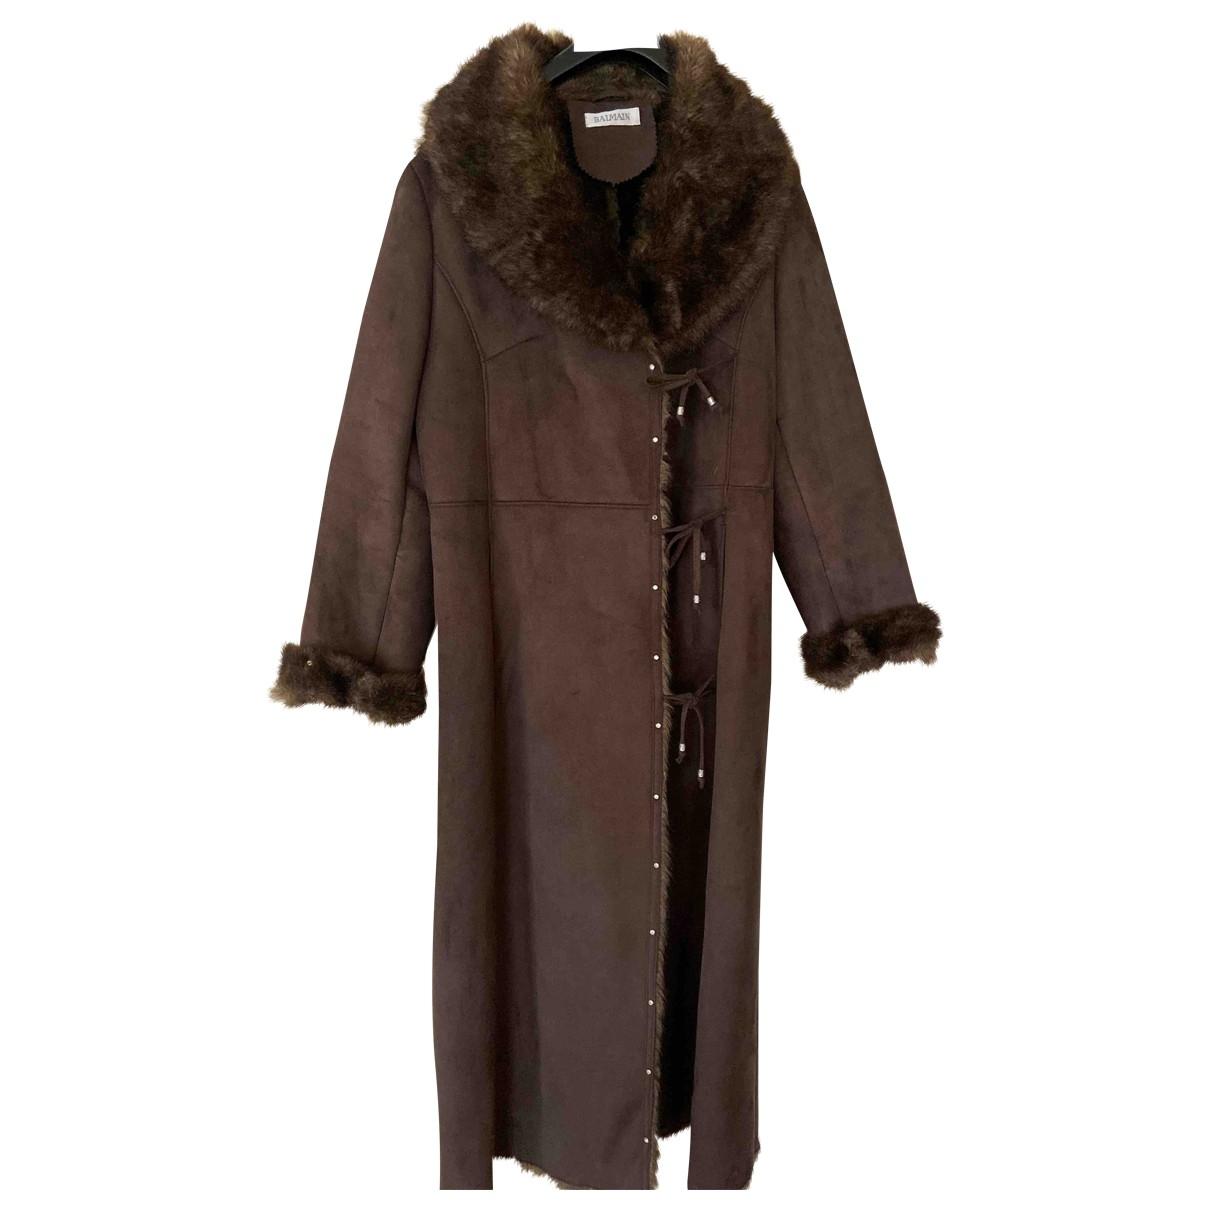 Balmain - Manteau   pour femme en fourrure synthetique - marron